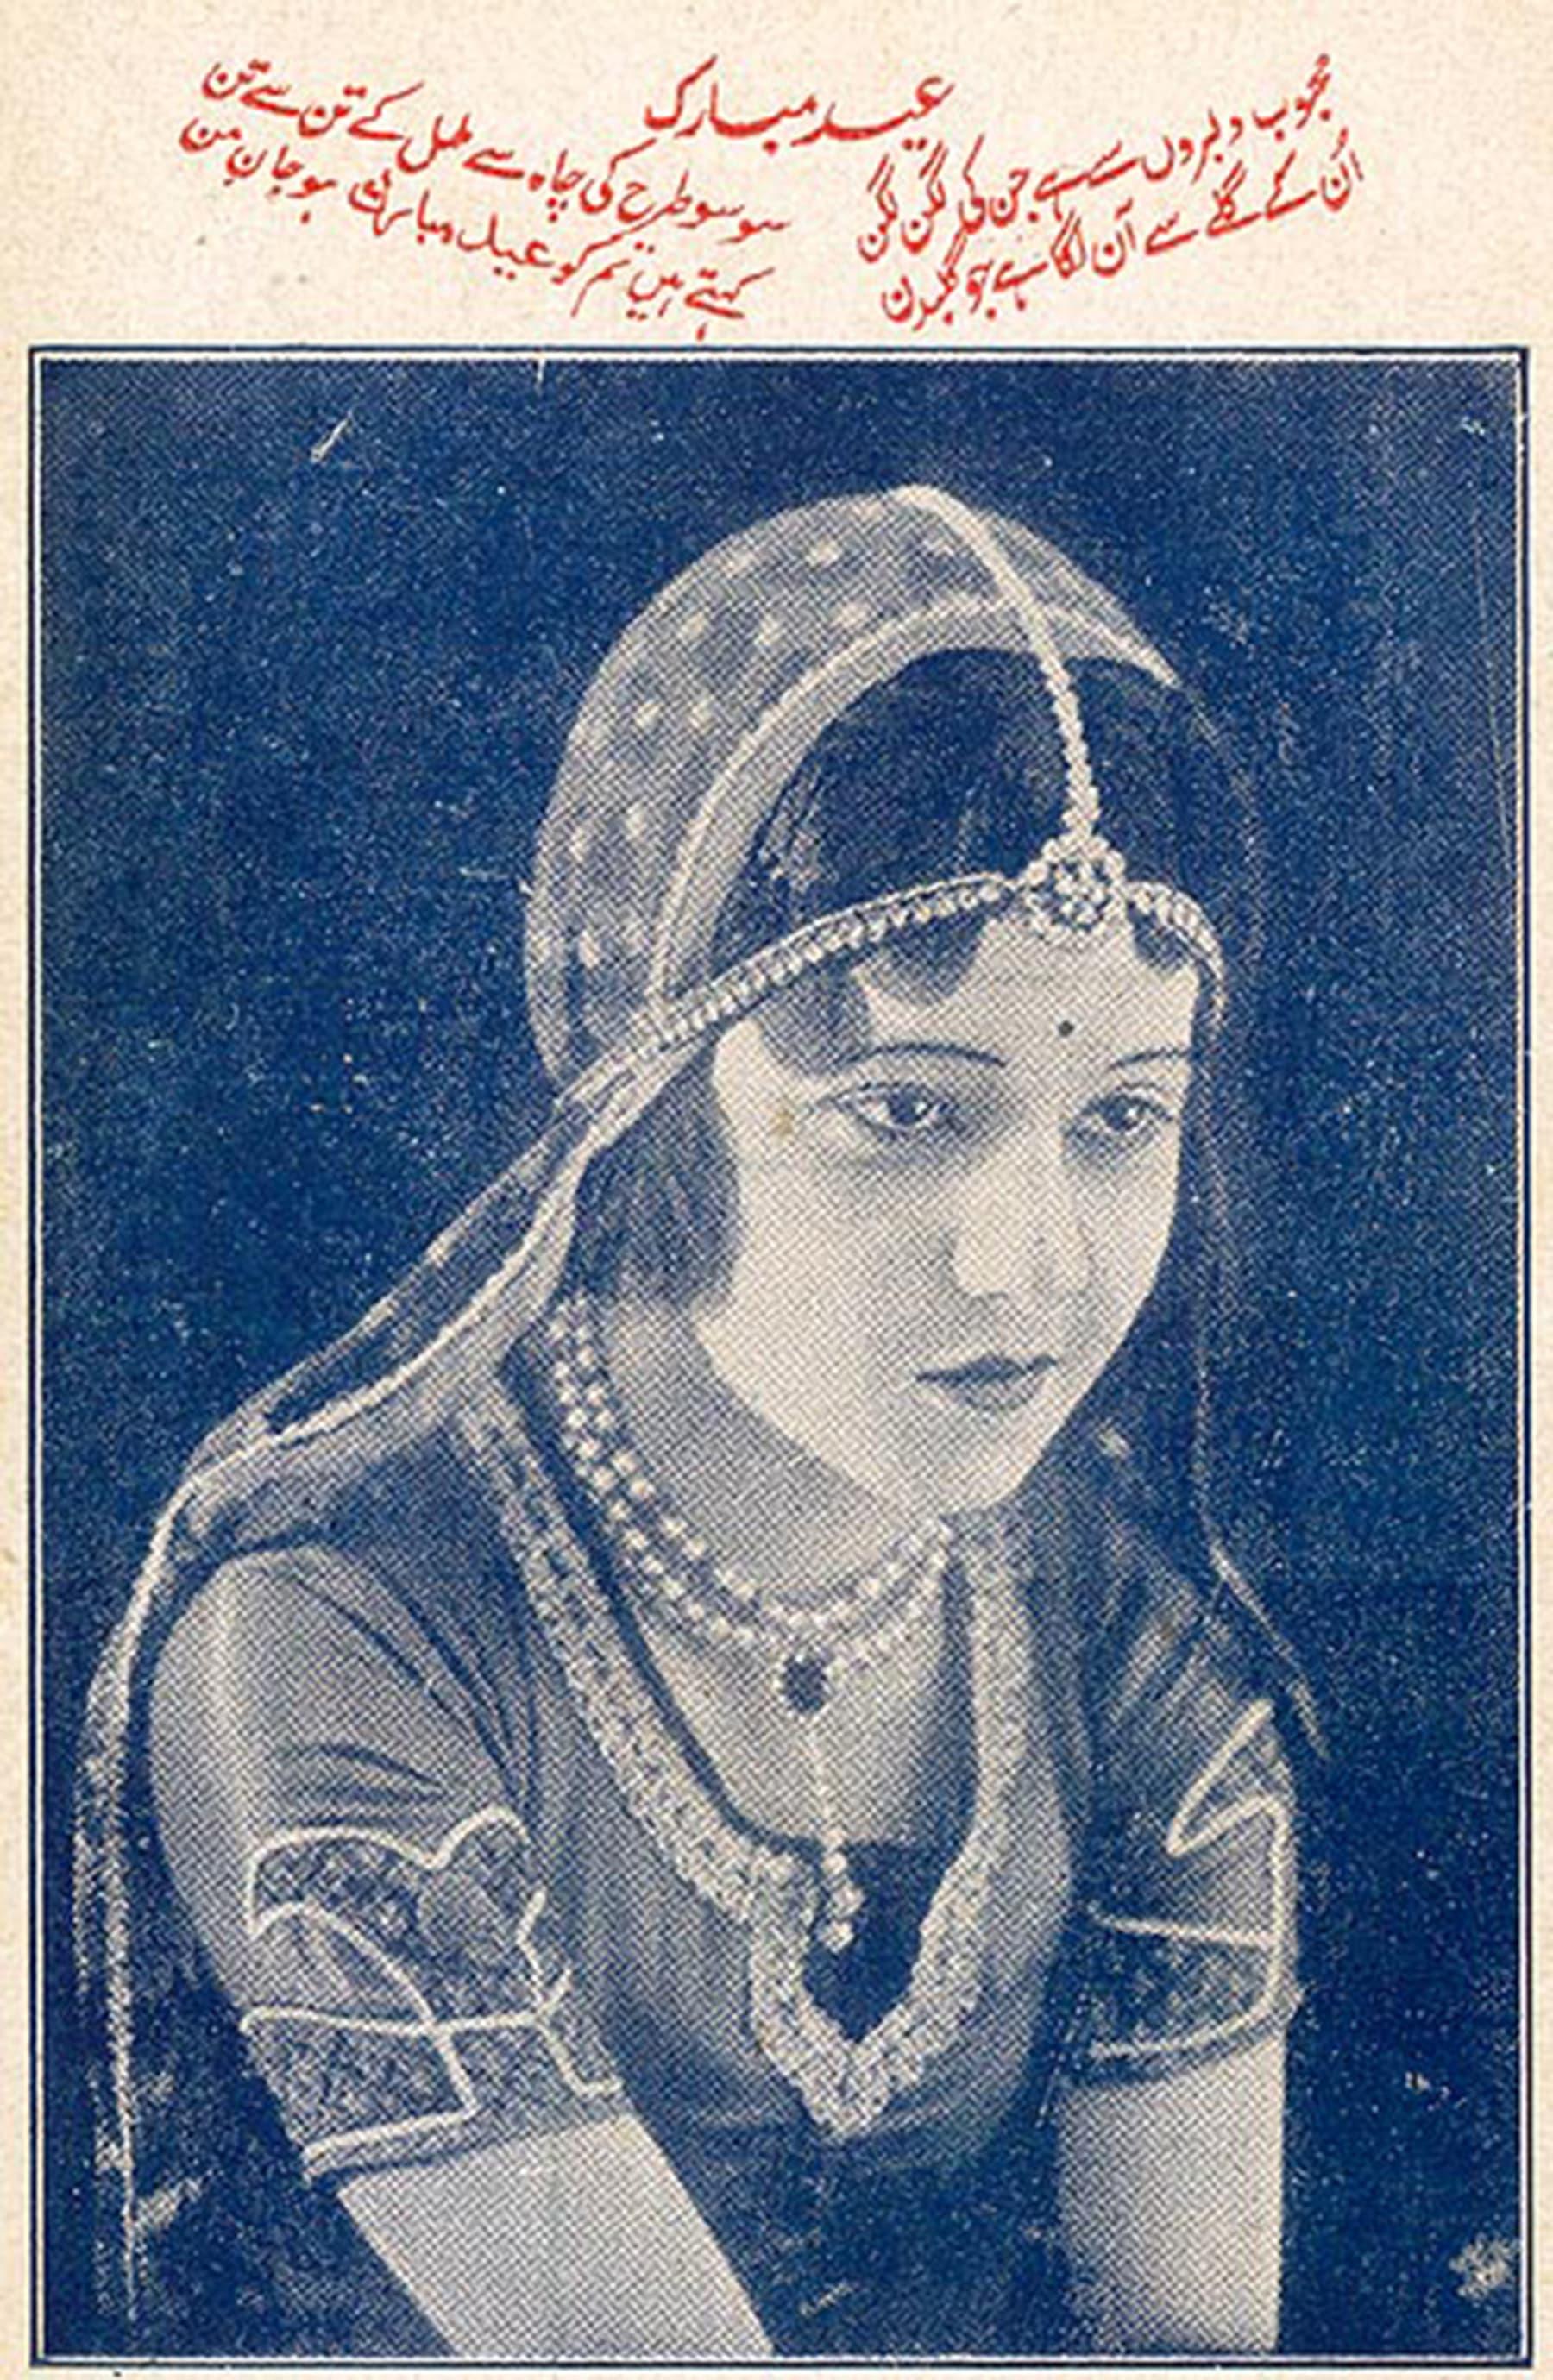 سلطان حسین بک سیلر، بمبئی، کا تقسیم کردہ ایک اور کارڈ جس پر ایک نامعلوم ہندوستانی اداکارہ کی تصویر موجود ہے۔